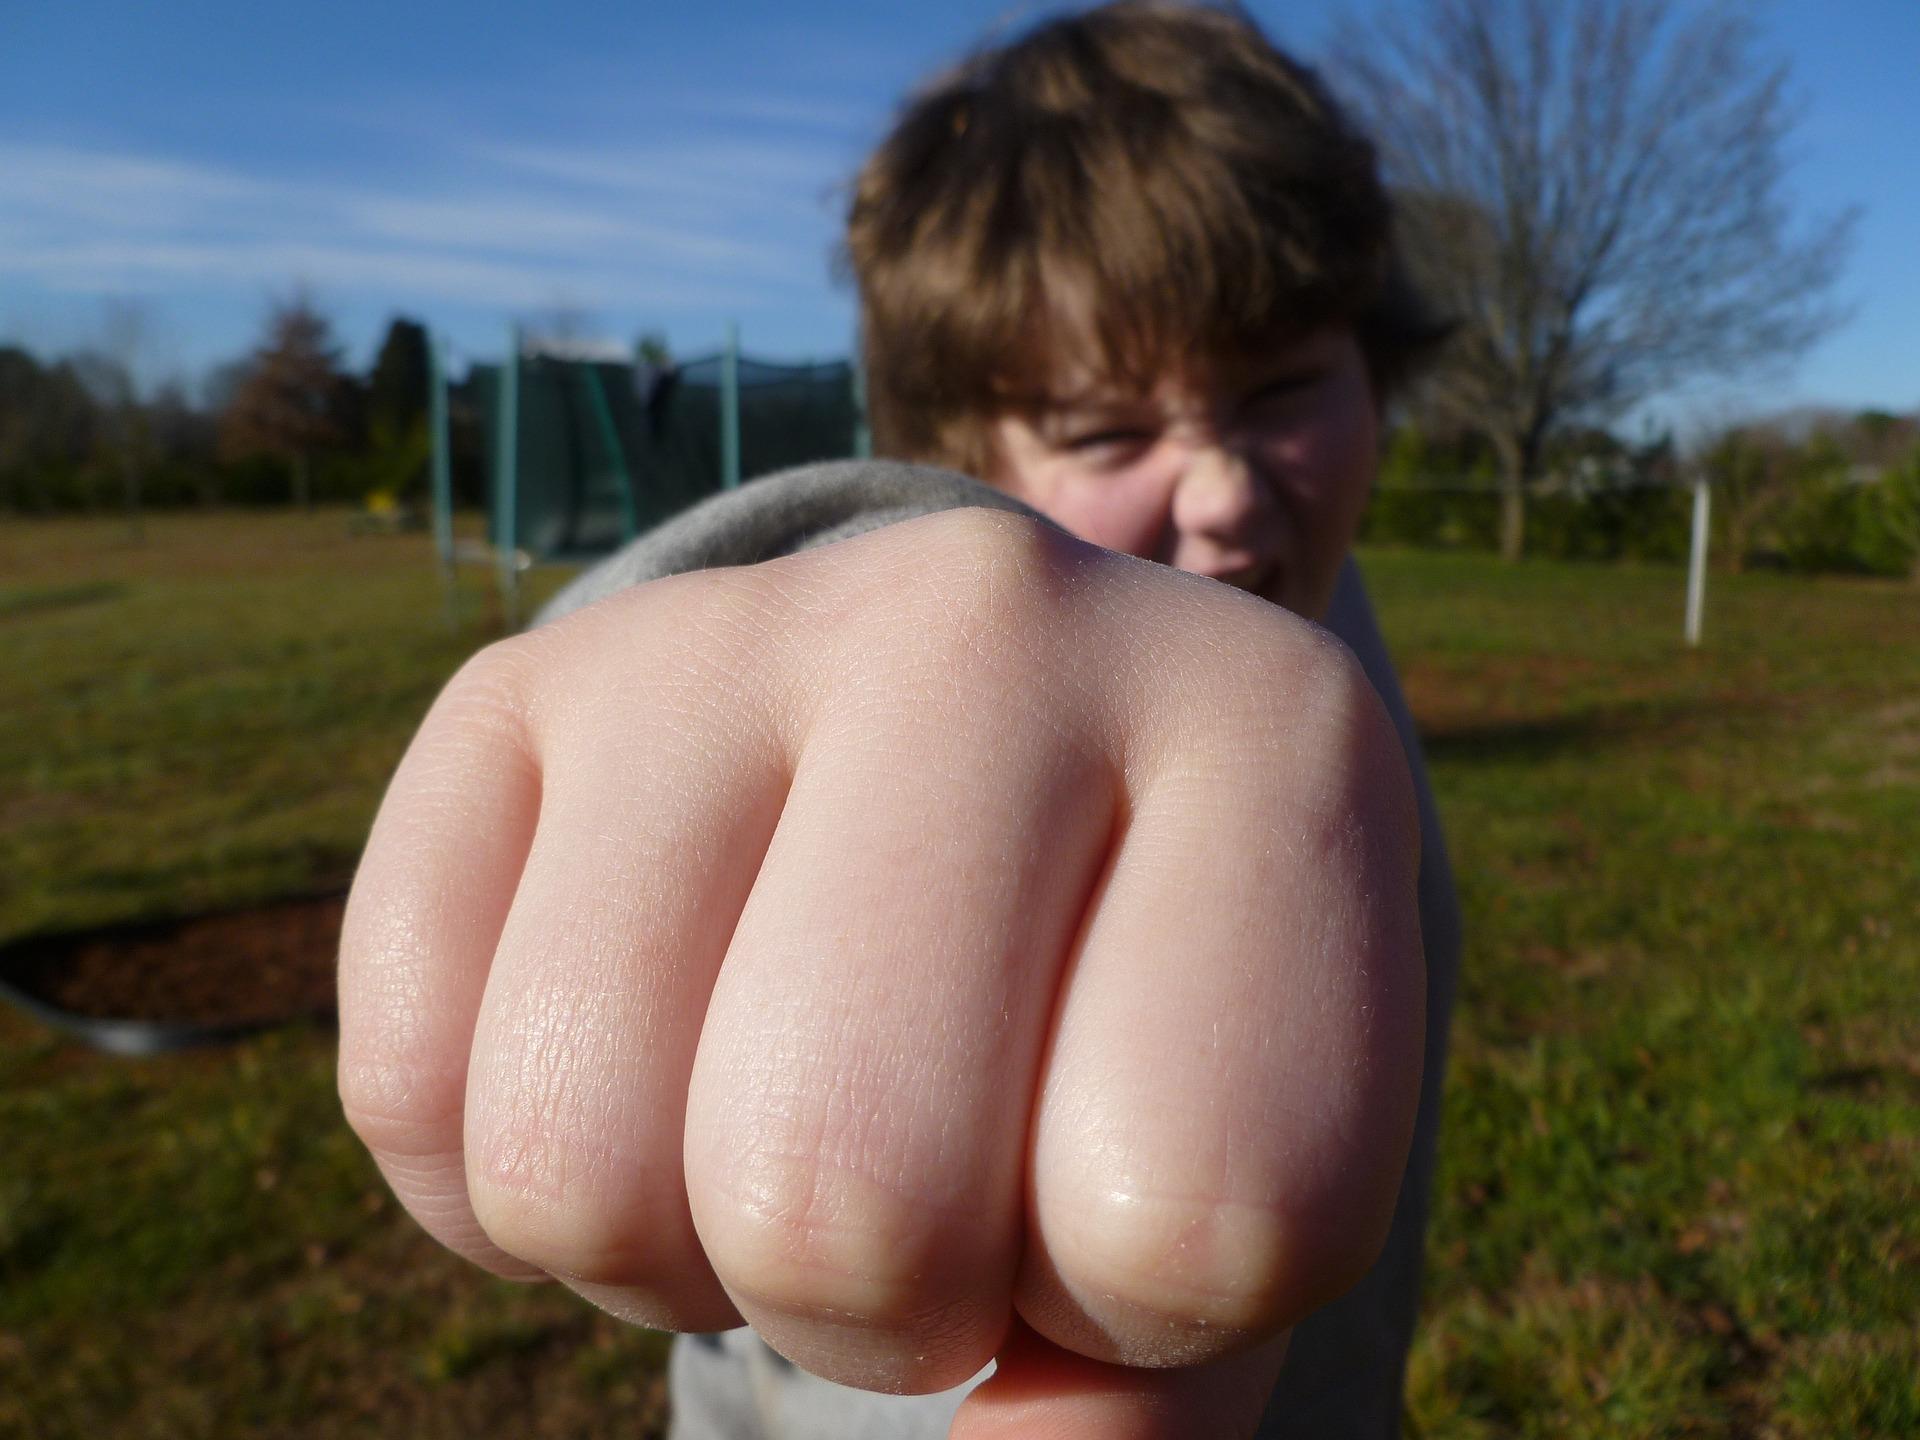 Uno de cada cinco adolescentes reconoce haber golpeado a sus padres